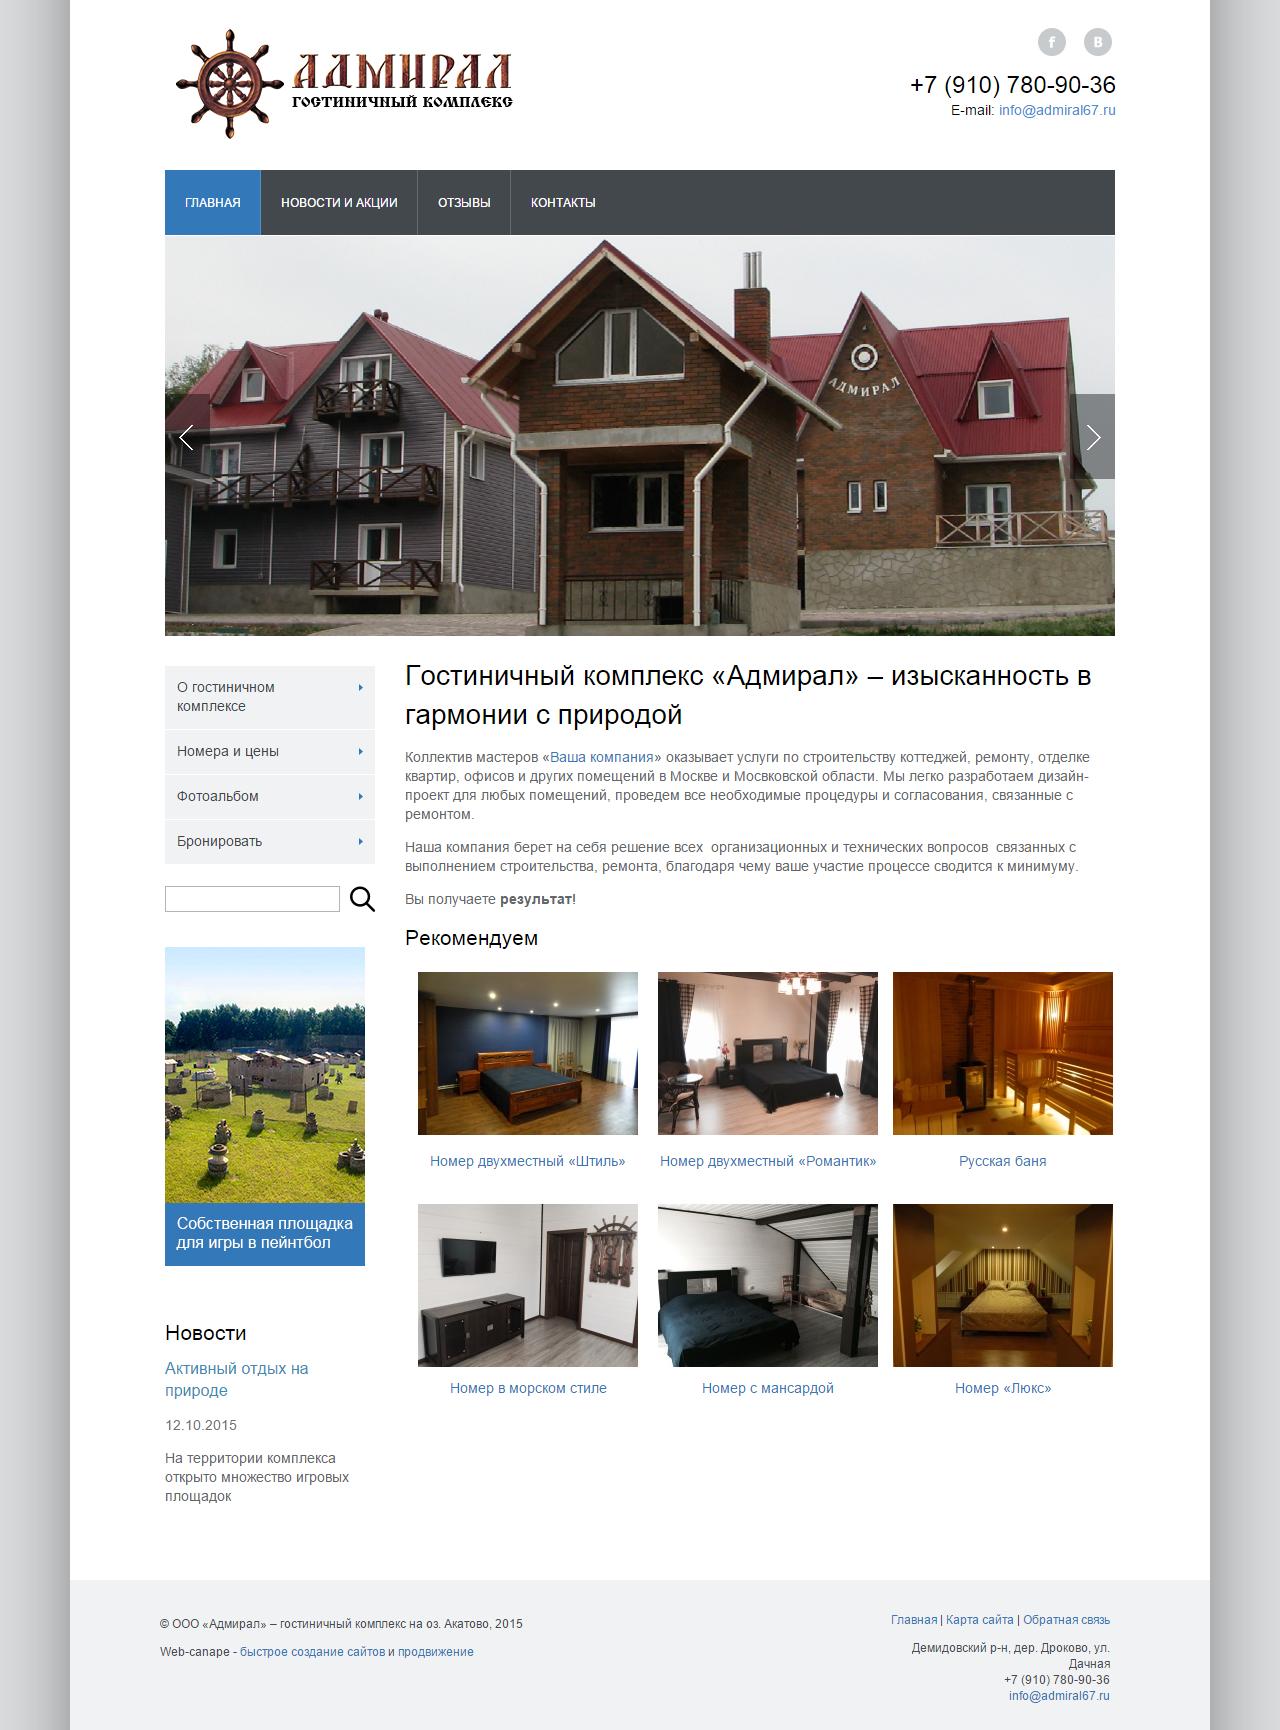 Разработка сайта для гостиничного комплекса компании ООО «Адмирал»